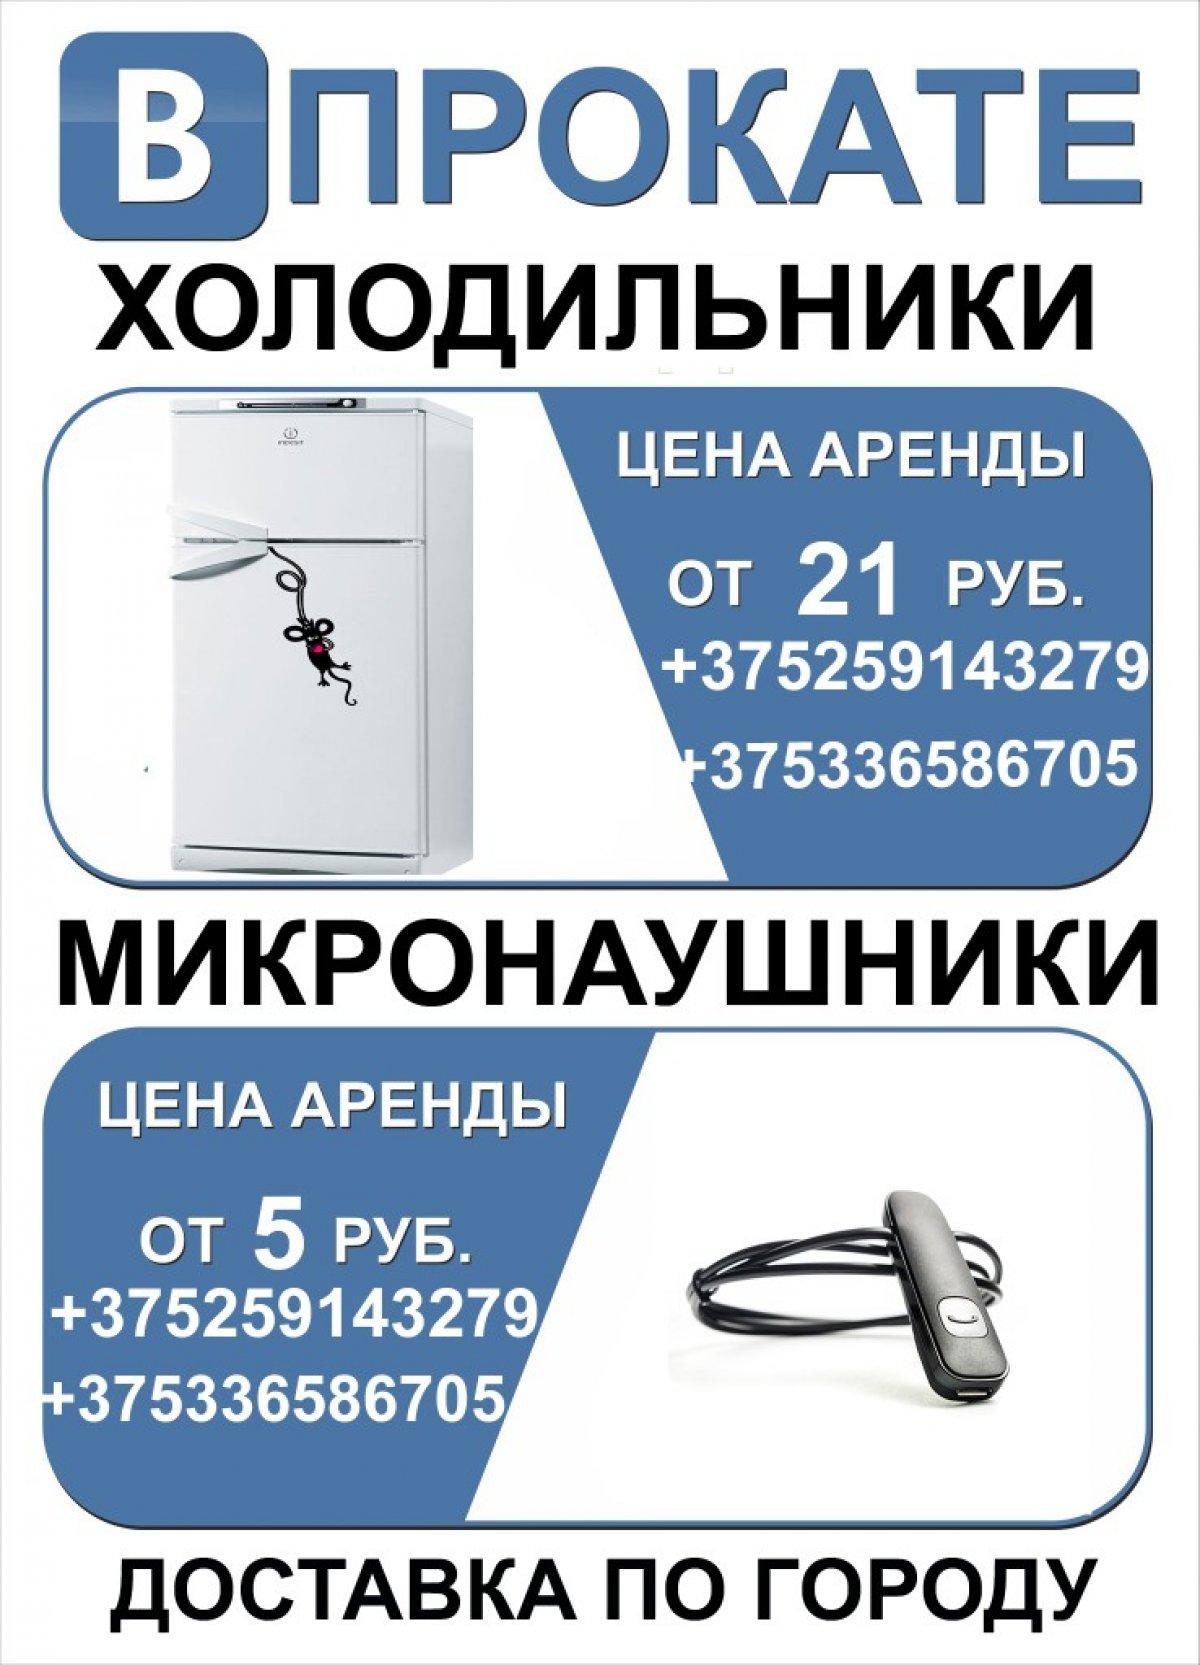 [club66424963|ПРОКАТ ХОЛОДИЛЬНИКОВ